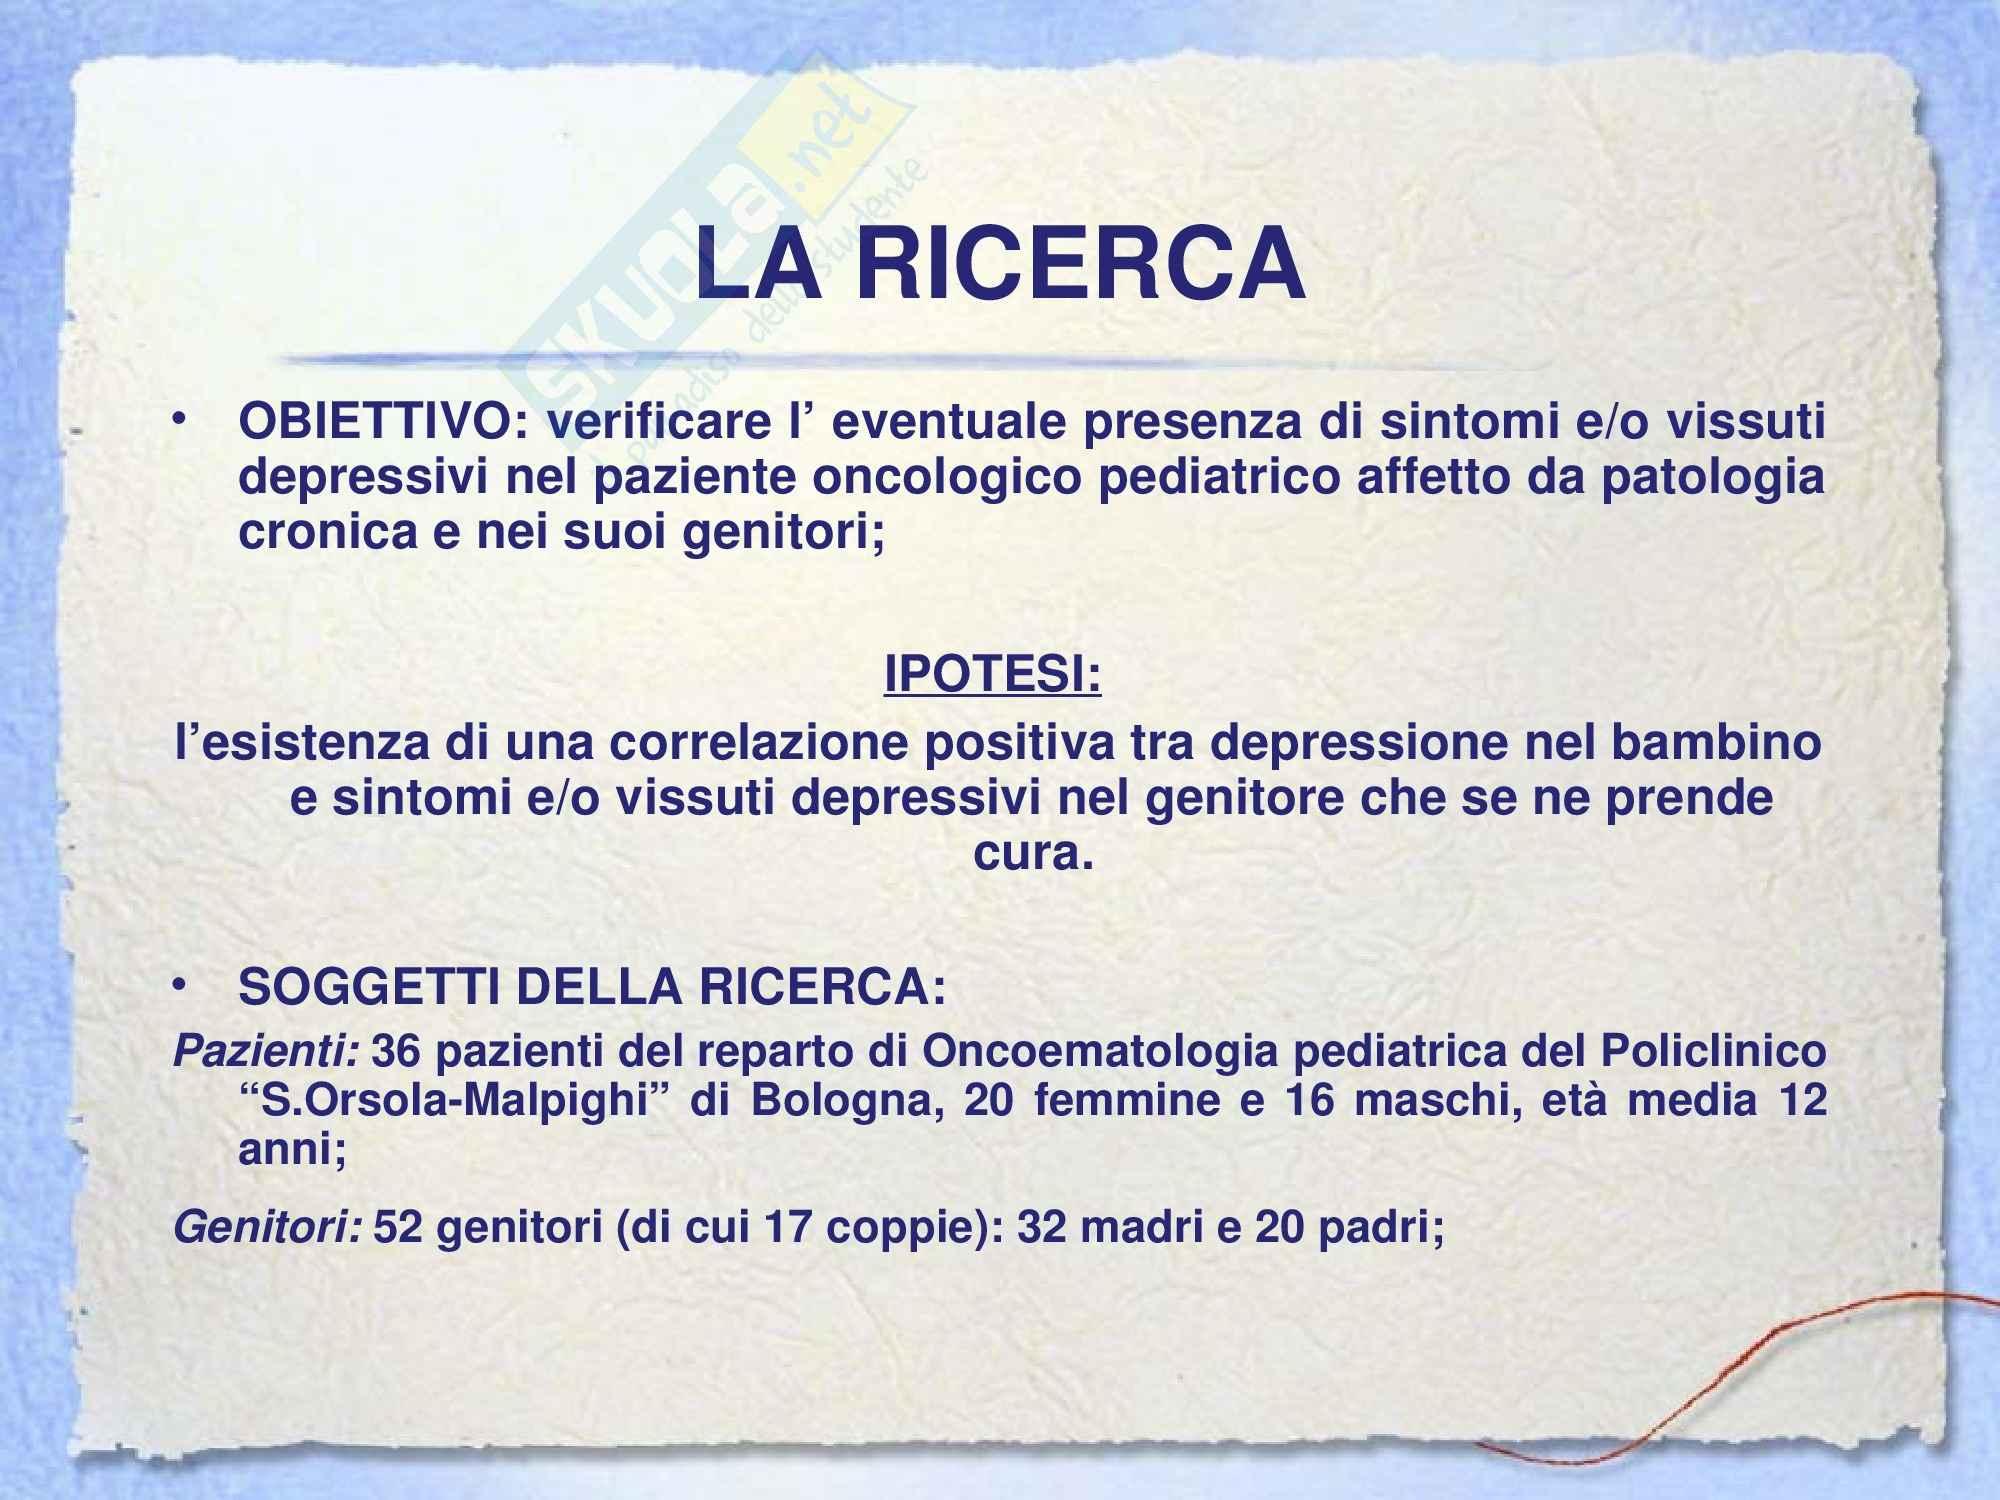 Psicologia dello sviluppo - il vissuto depressivo nella famiglia del paziente oncologico pediatrico affetto da patologia cronica Pag. 2